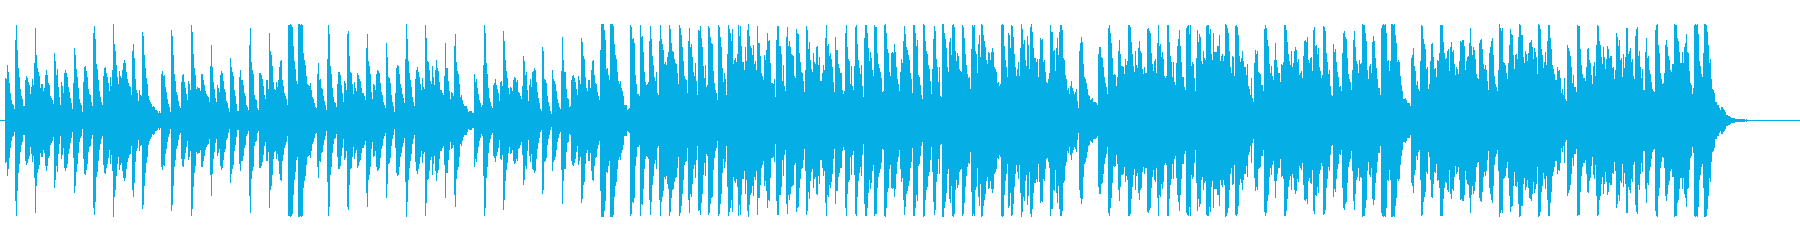 楽しく明るいハッピーなライトオーケストラの再生済みの波形